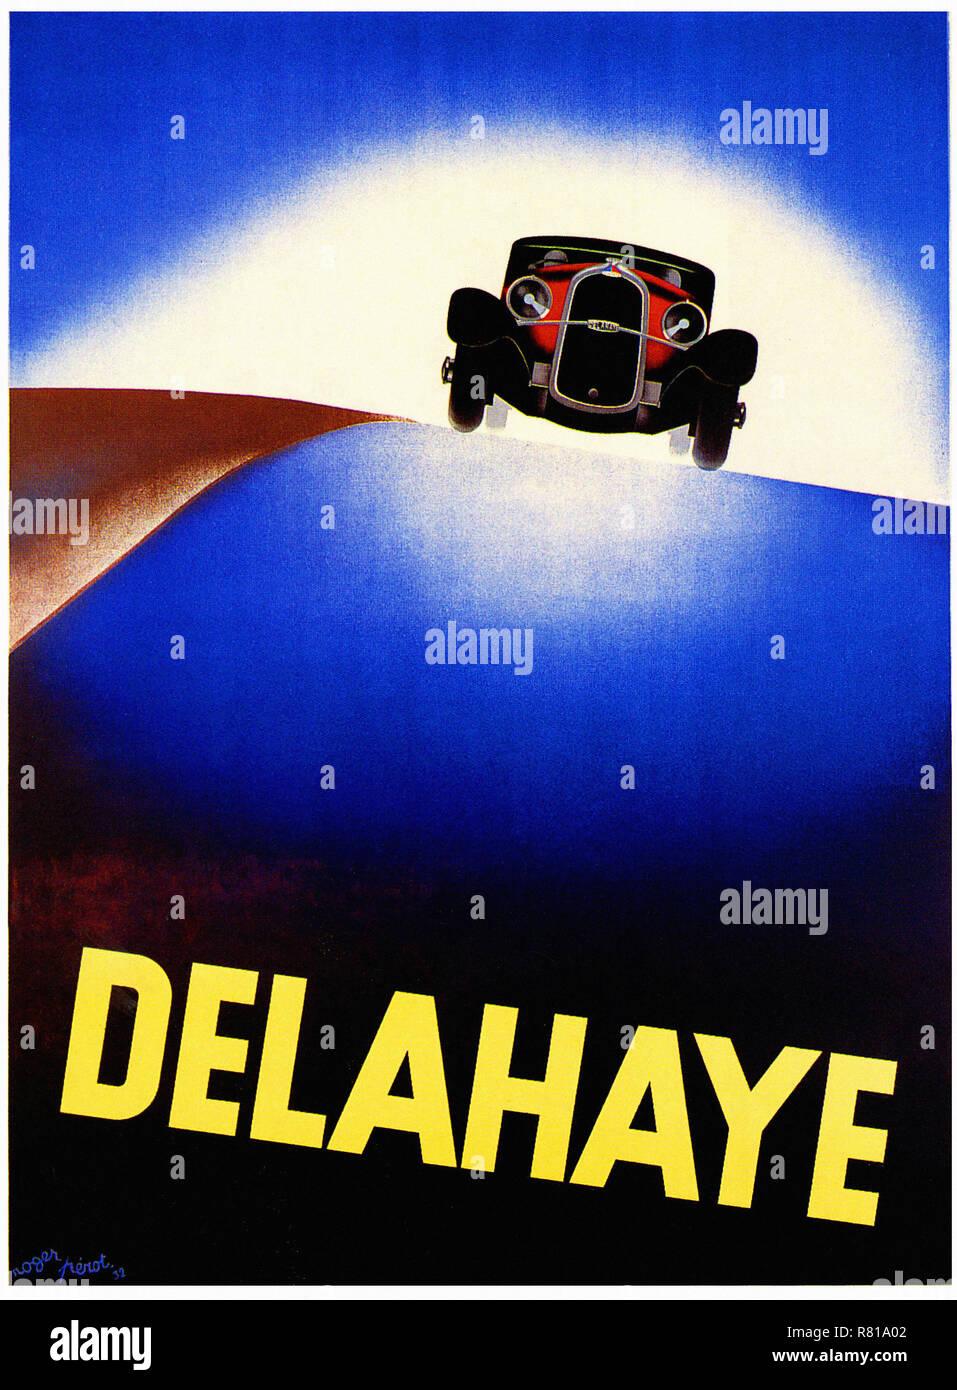 ADVERTISING METAL PLATE DELAHAYE